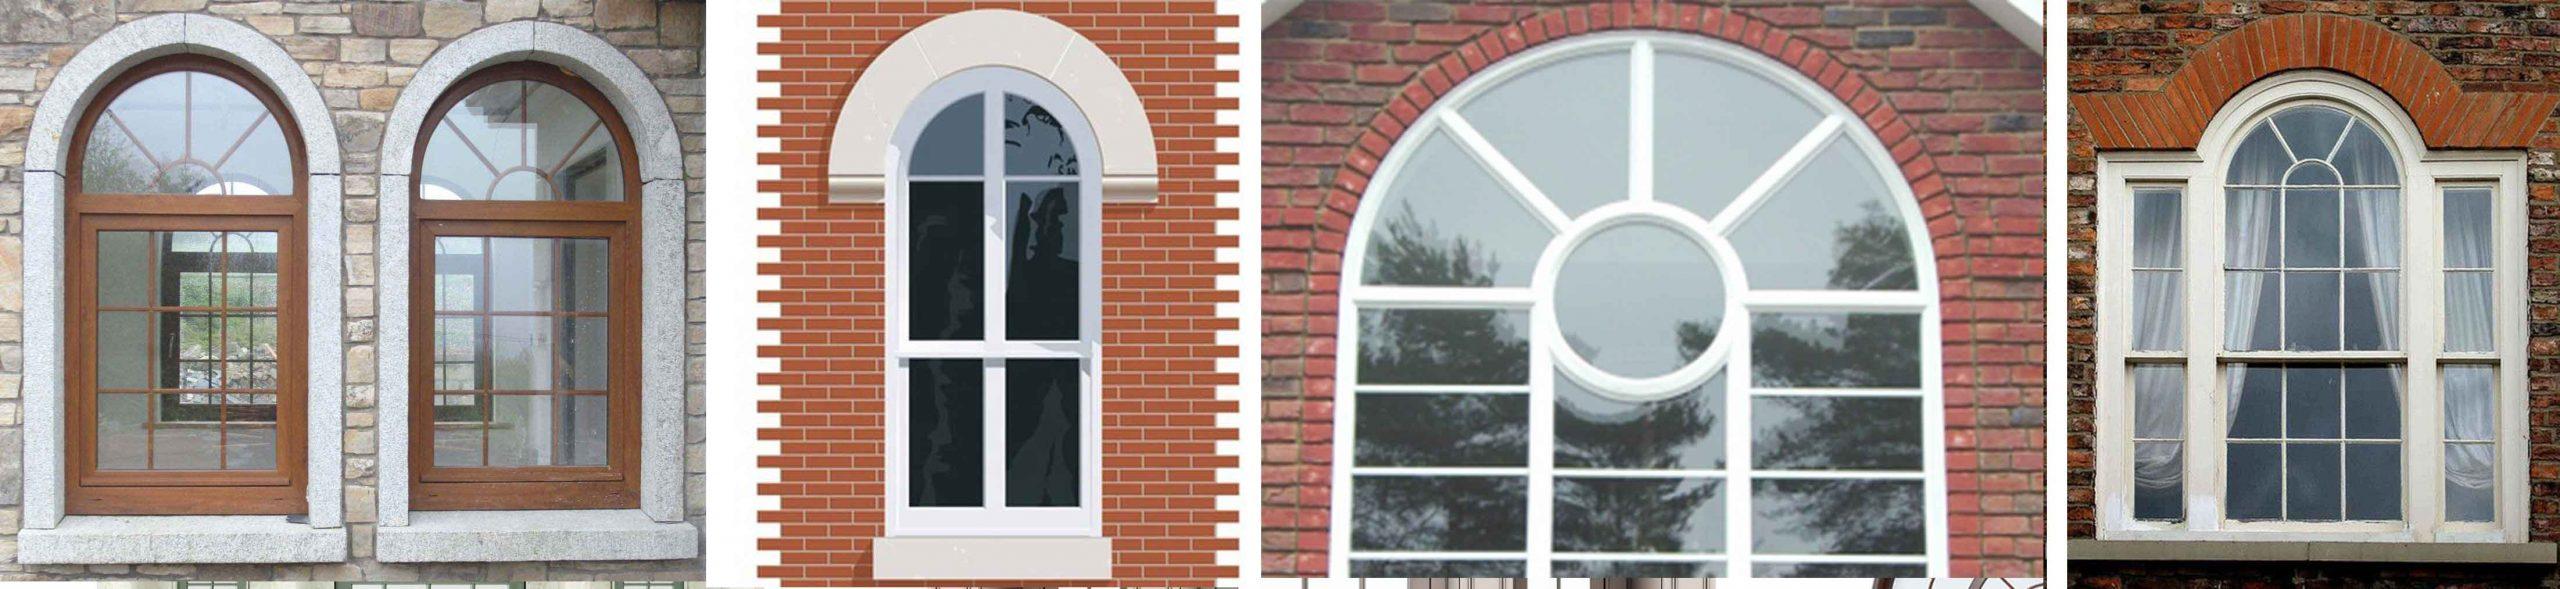 درب-و-پنجره-یو-پی-وی-سی-قوس-دار2514هلالیamaj-sanat-azar